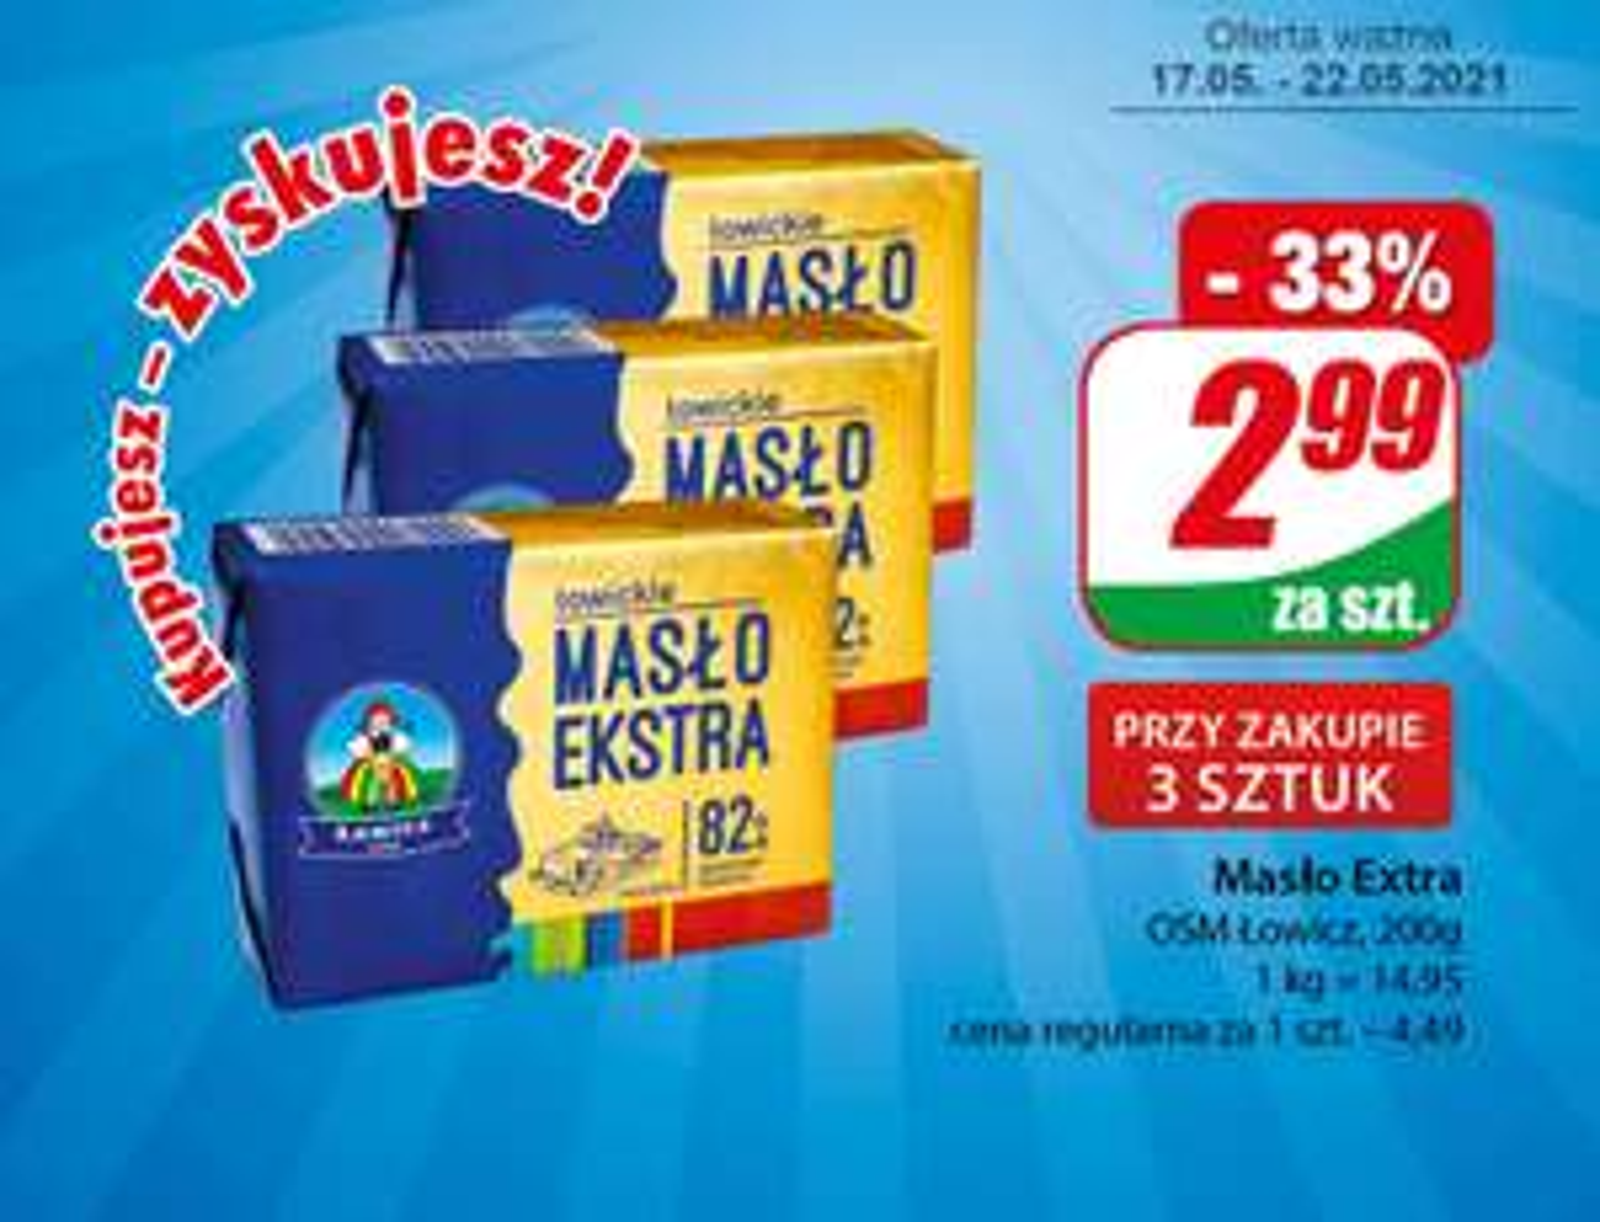 Masło Extra OSM Łowicz 200g (cena przy zakupie 3szt.) - DINO